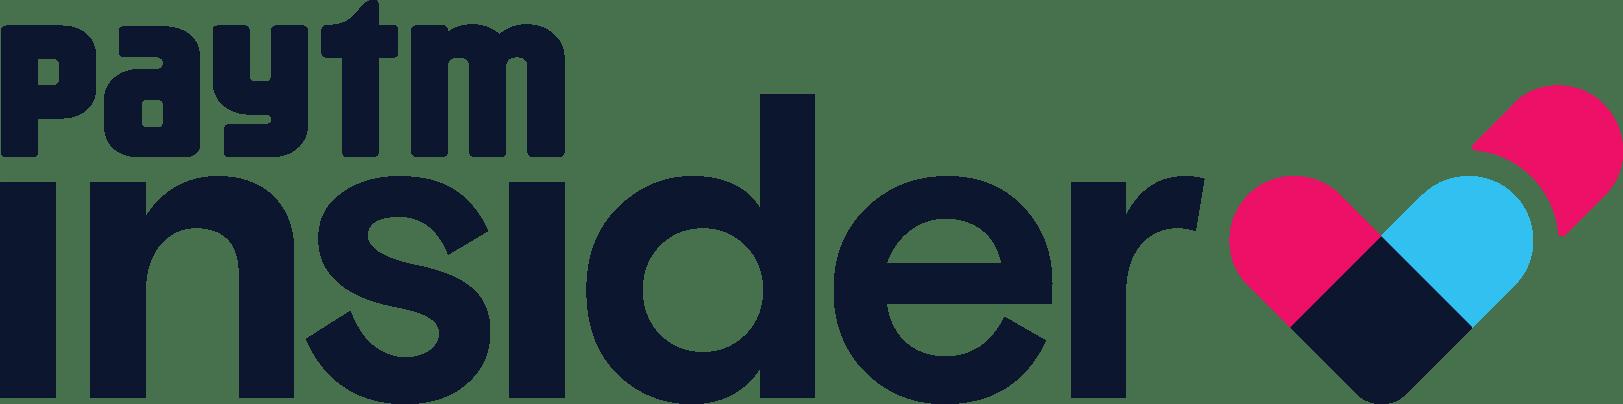 Partner for Eyemyth Festival 2019 - Insider